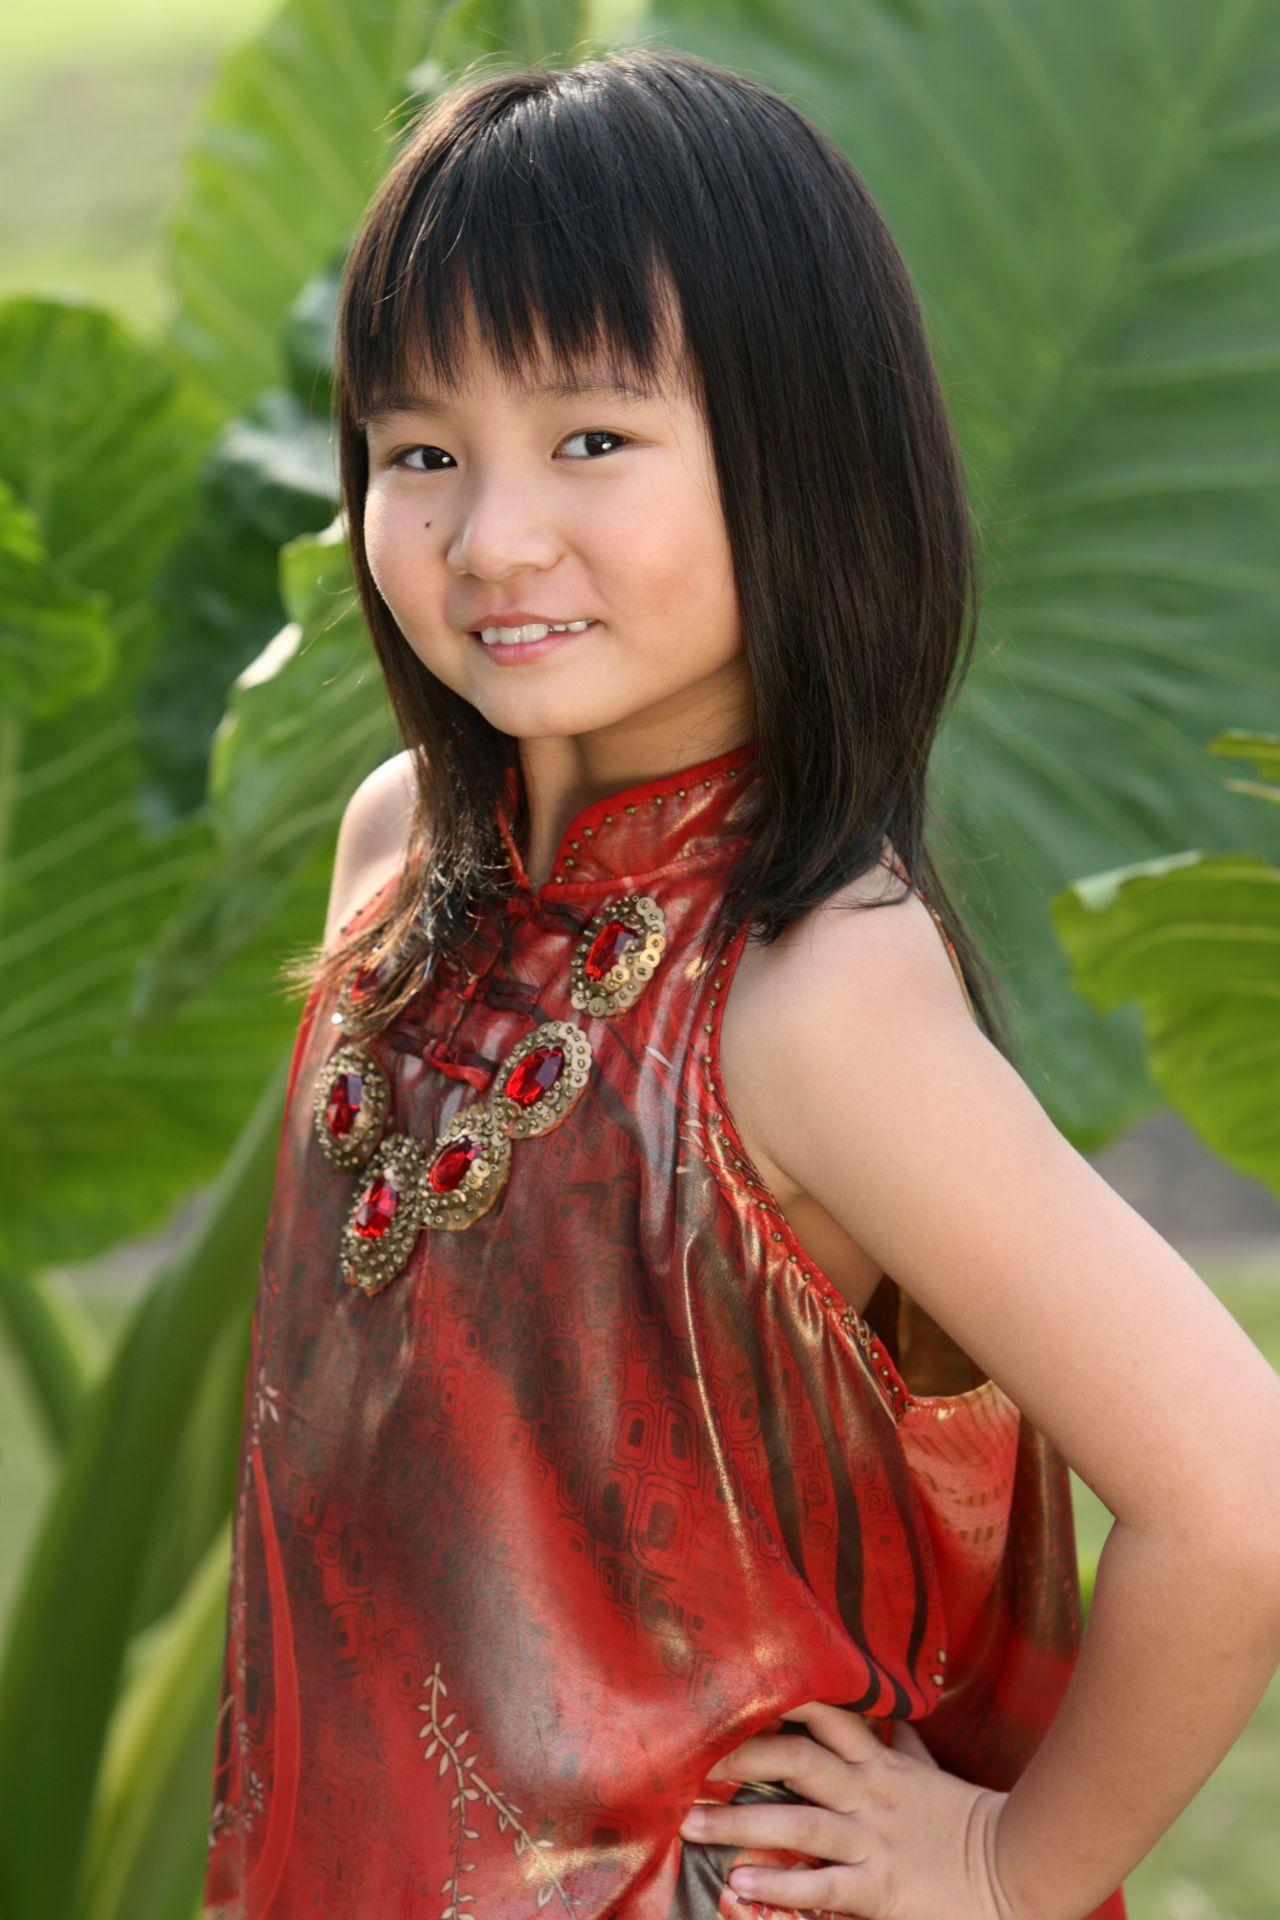 Mit 9 Jahren auf dem Catwalk? Für chinesische Kindermodels voll normal